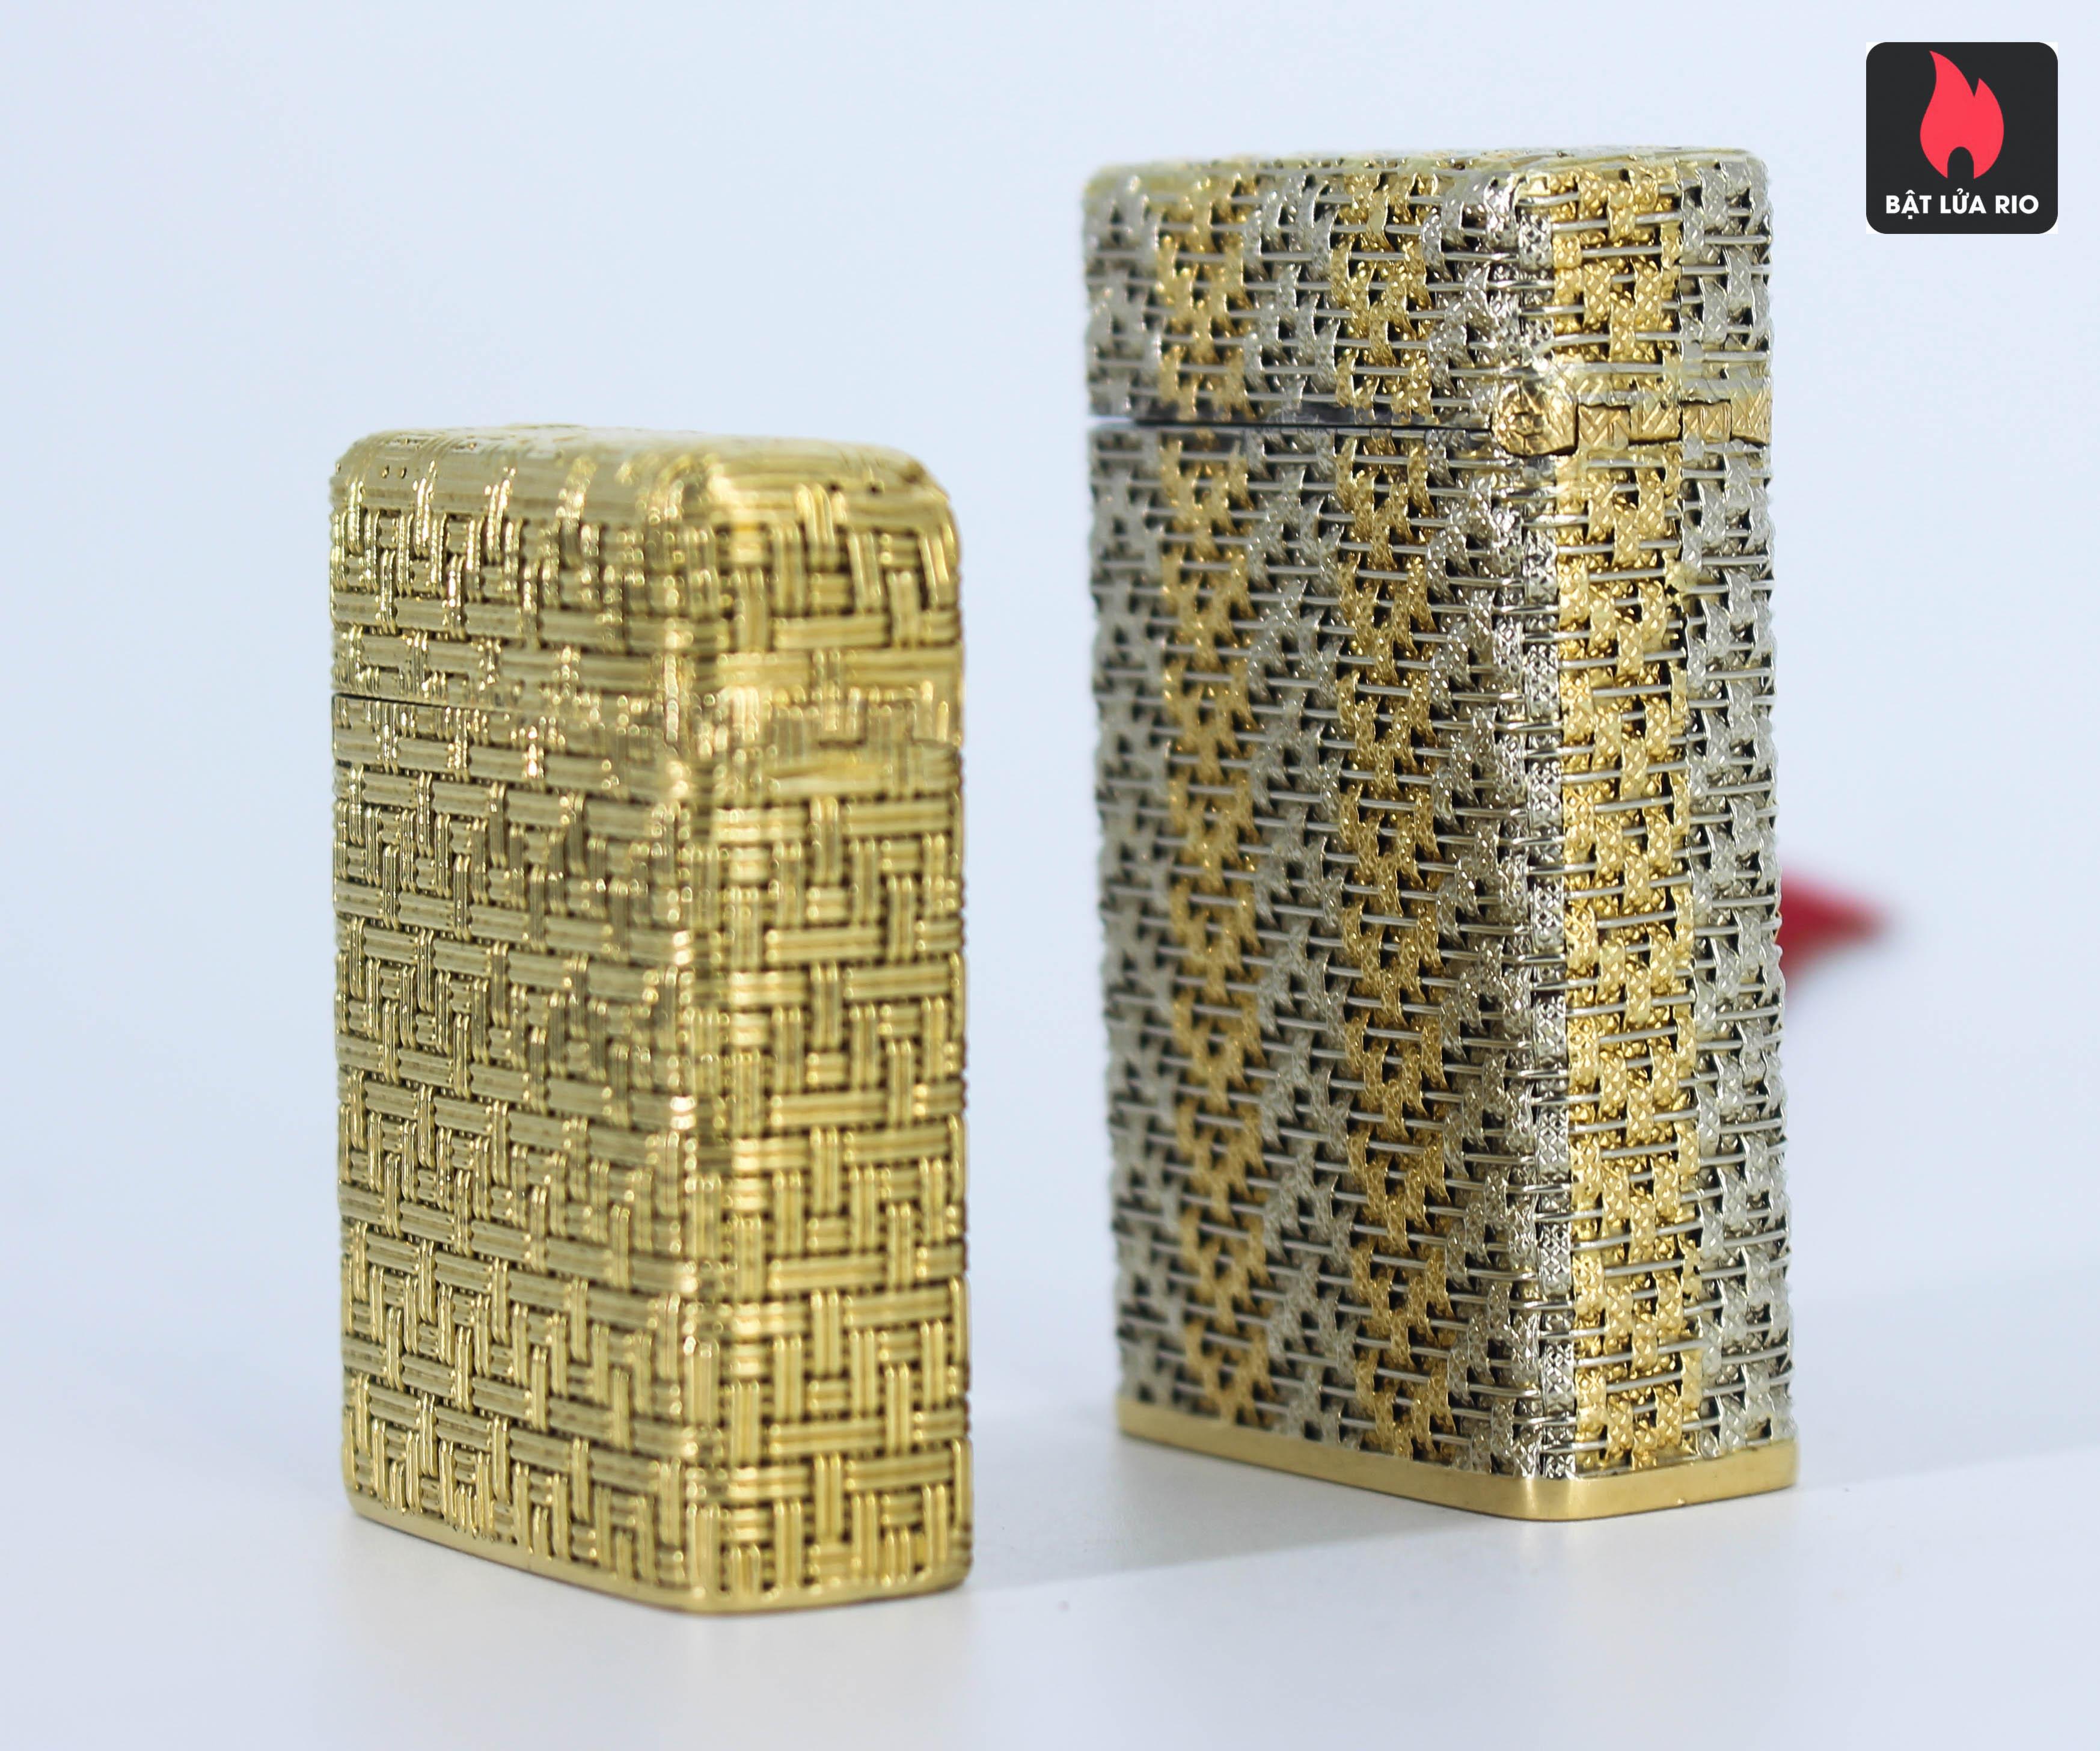 S.T Dupont Form Lùn - Áo Vàng - Vân Caro Sang Chảnh 11